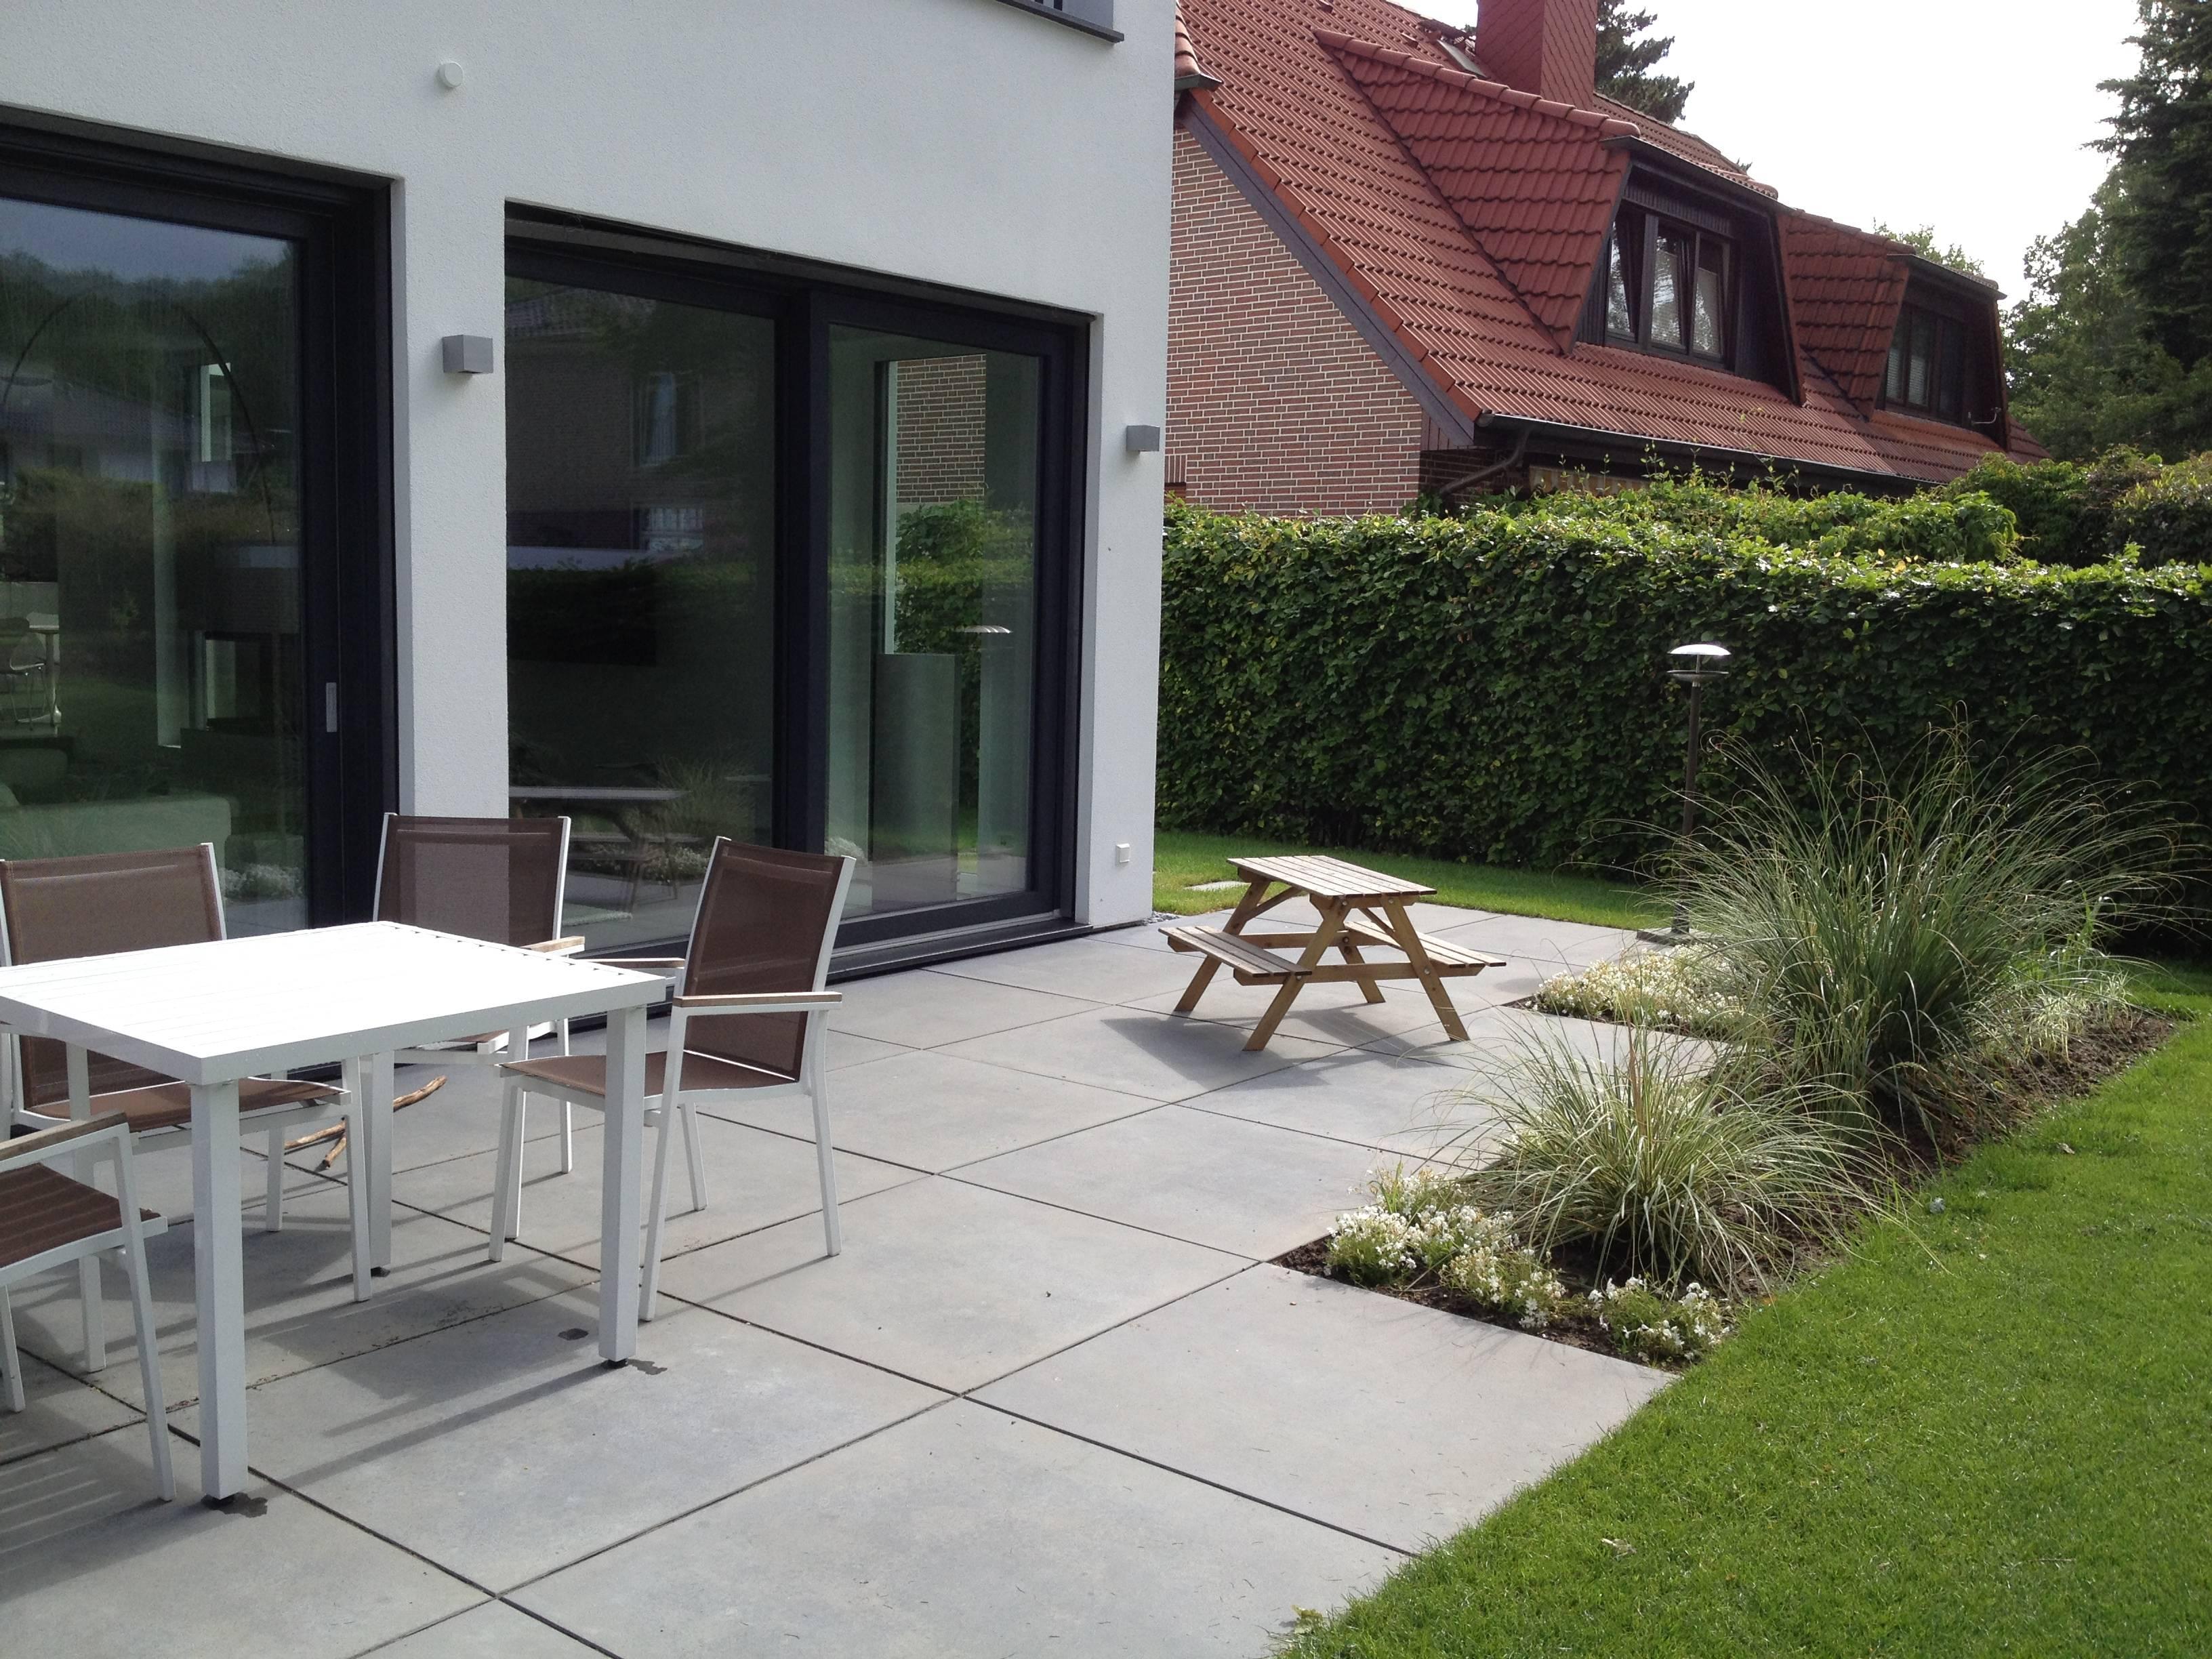 Garten und landschaftsbau terrasse  Terrasse mit Grossformat Platten | RIGHINI Garten- und Landschaftsbau